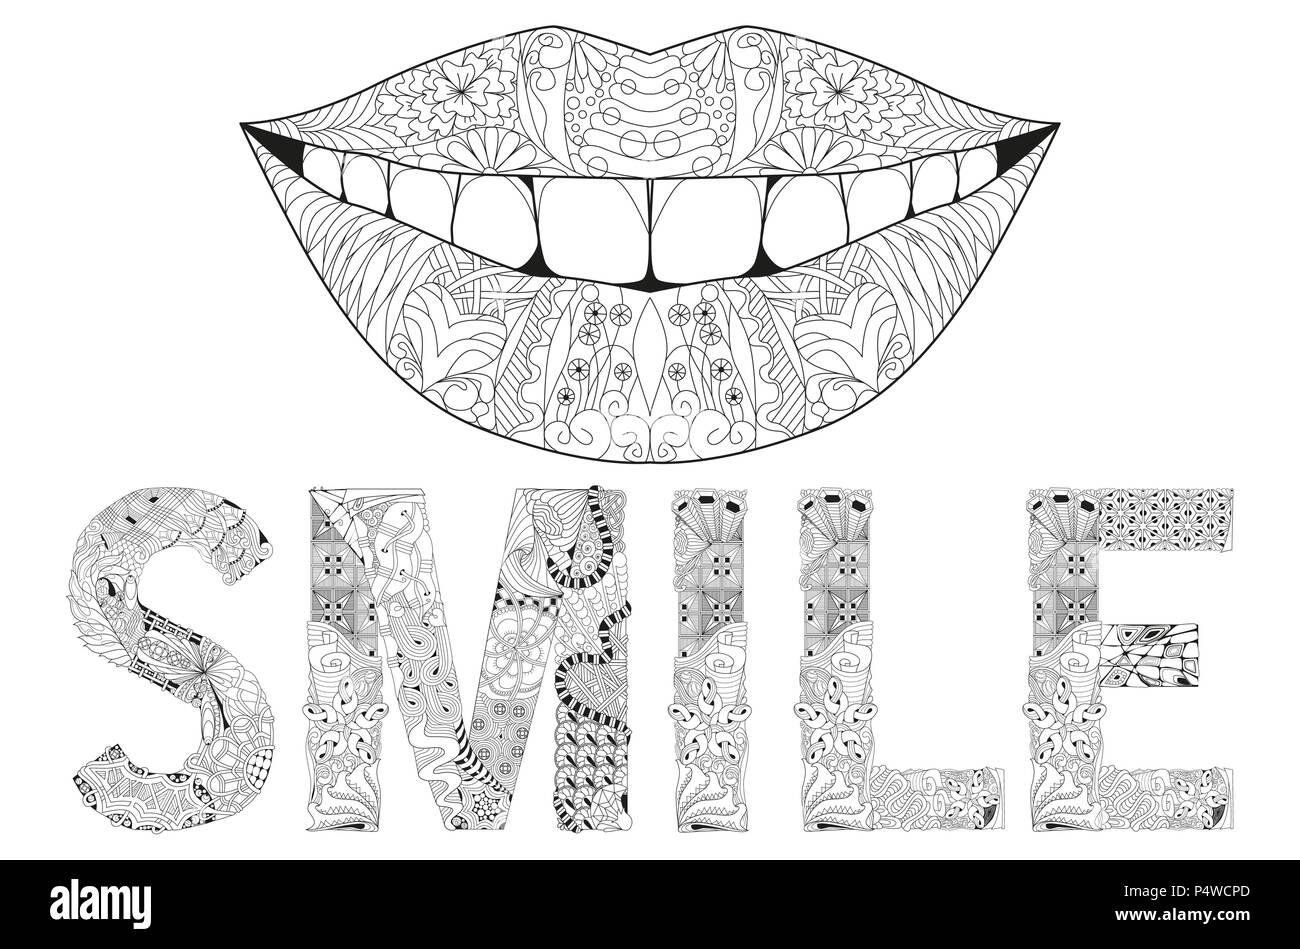 Arte Diseño Pintado A Mano Ilustración Palabra Sonrisa Dibujada A